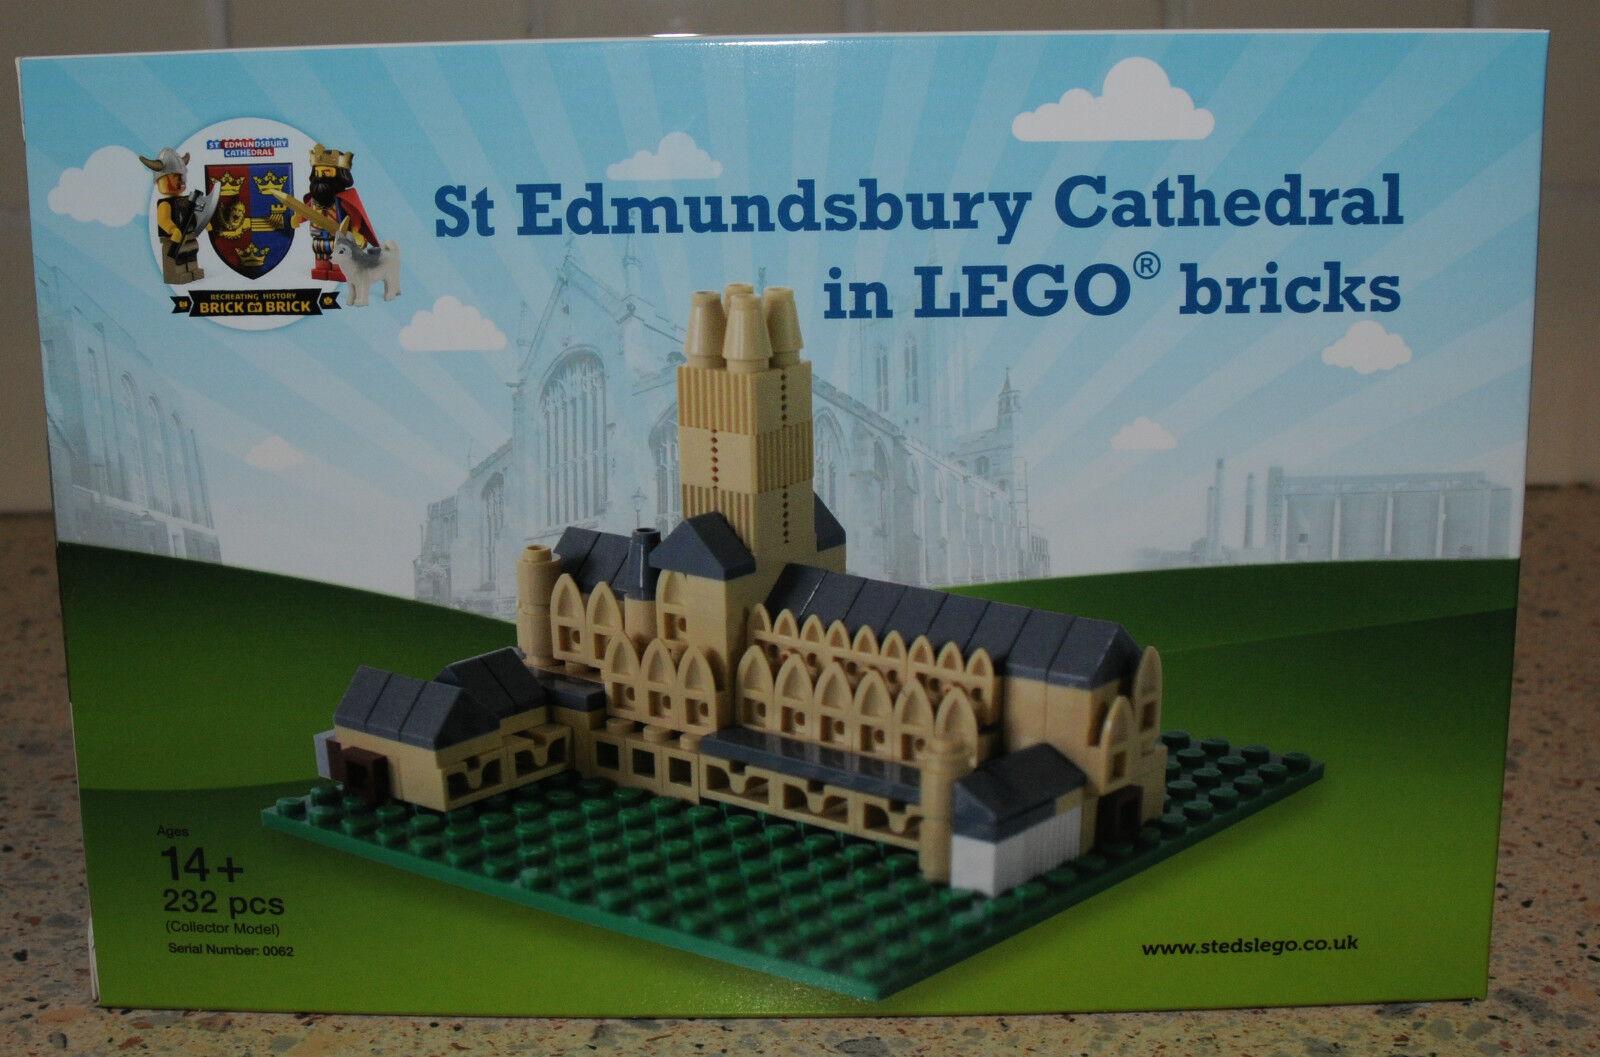 RARE BRILLANTI mattoni Ltd Edit LEGO ST edmundsbury Cattedrale KIT - 1 di solo 500